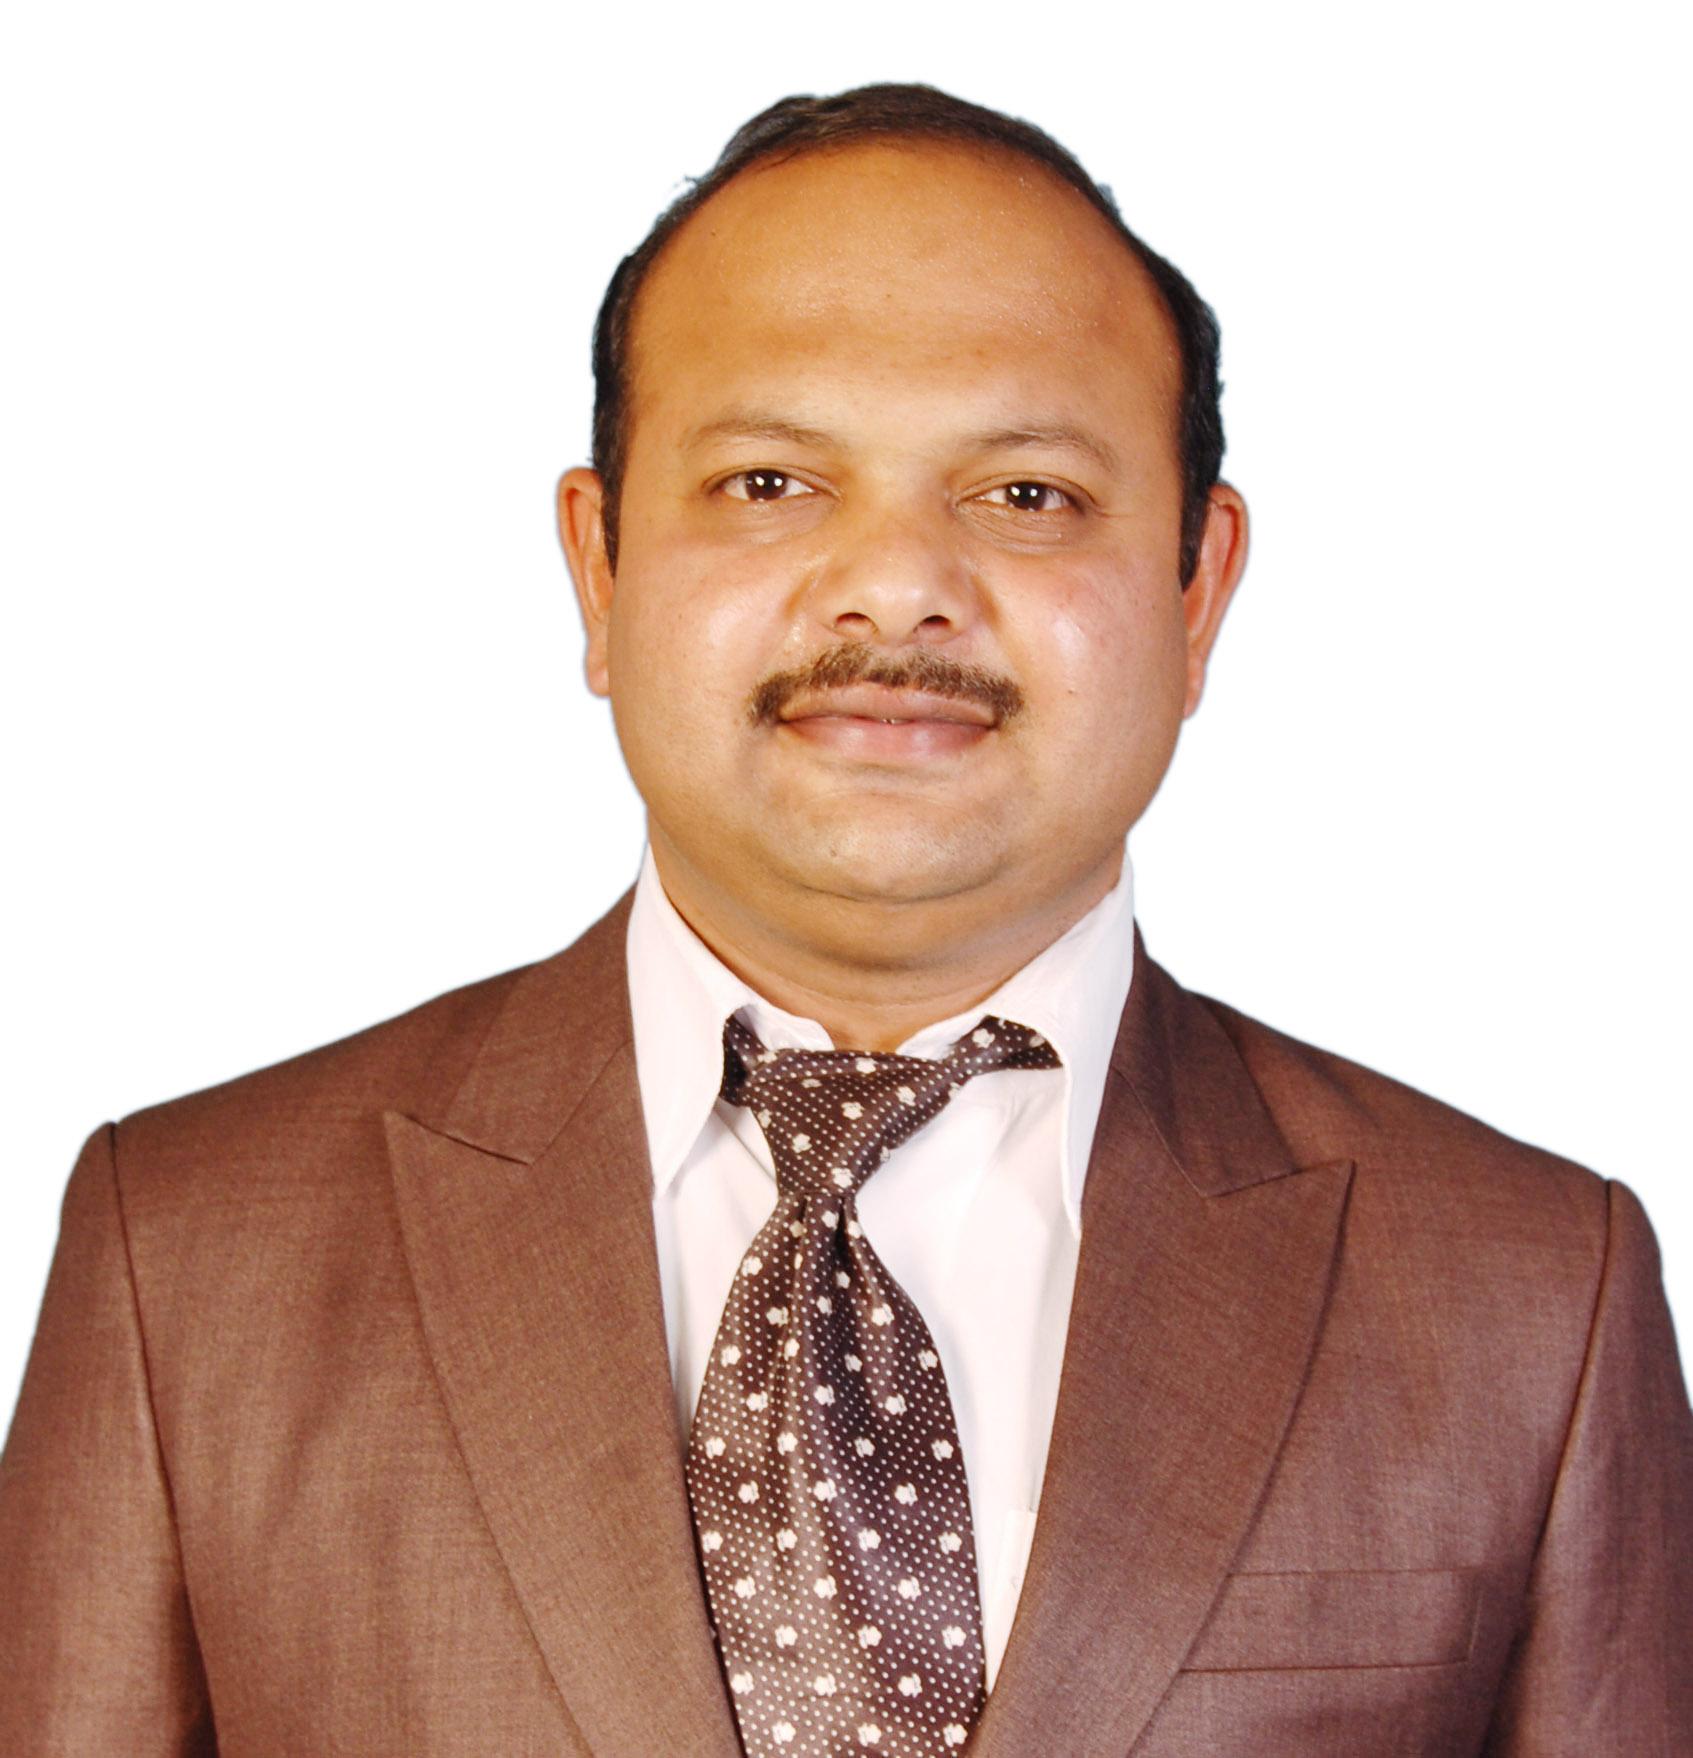 Dr. Shivashankarprasad S. Devalapur